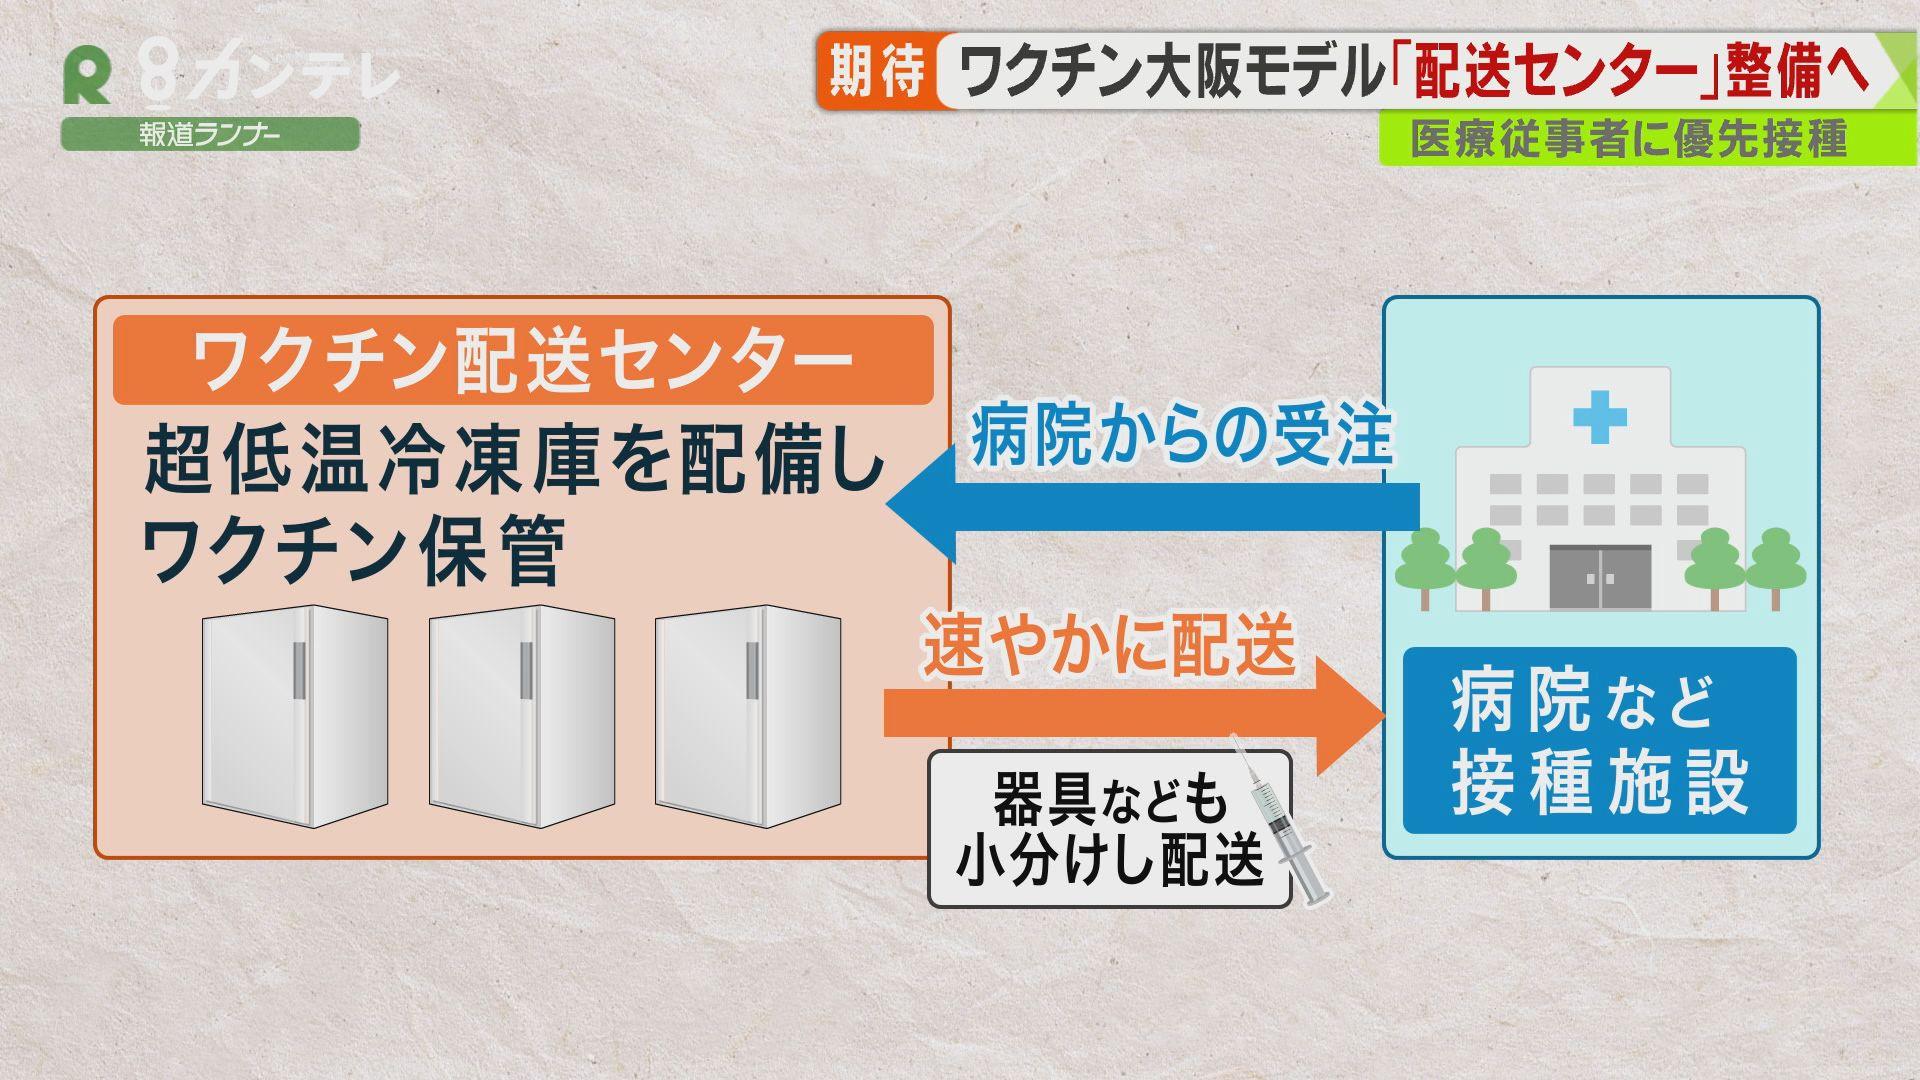 ワクチンの保管や配送を「一括」で 医療従事者へのワクチン接種に向けた「大阪モデル」発表